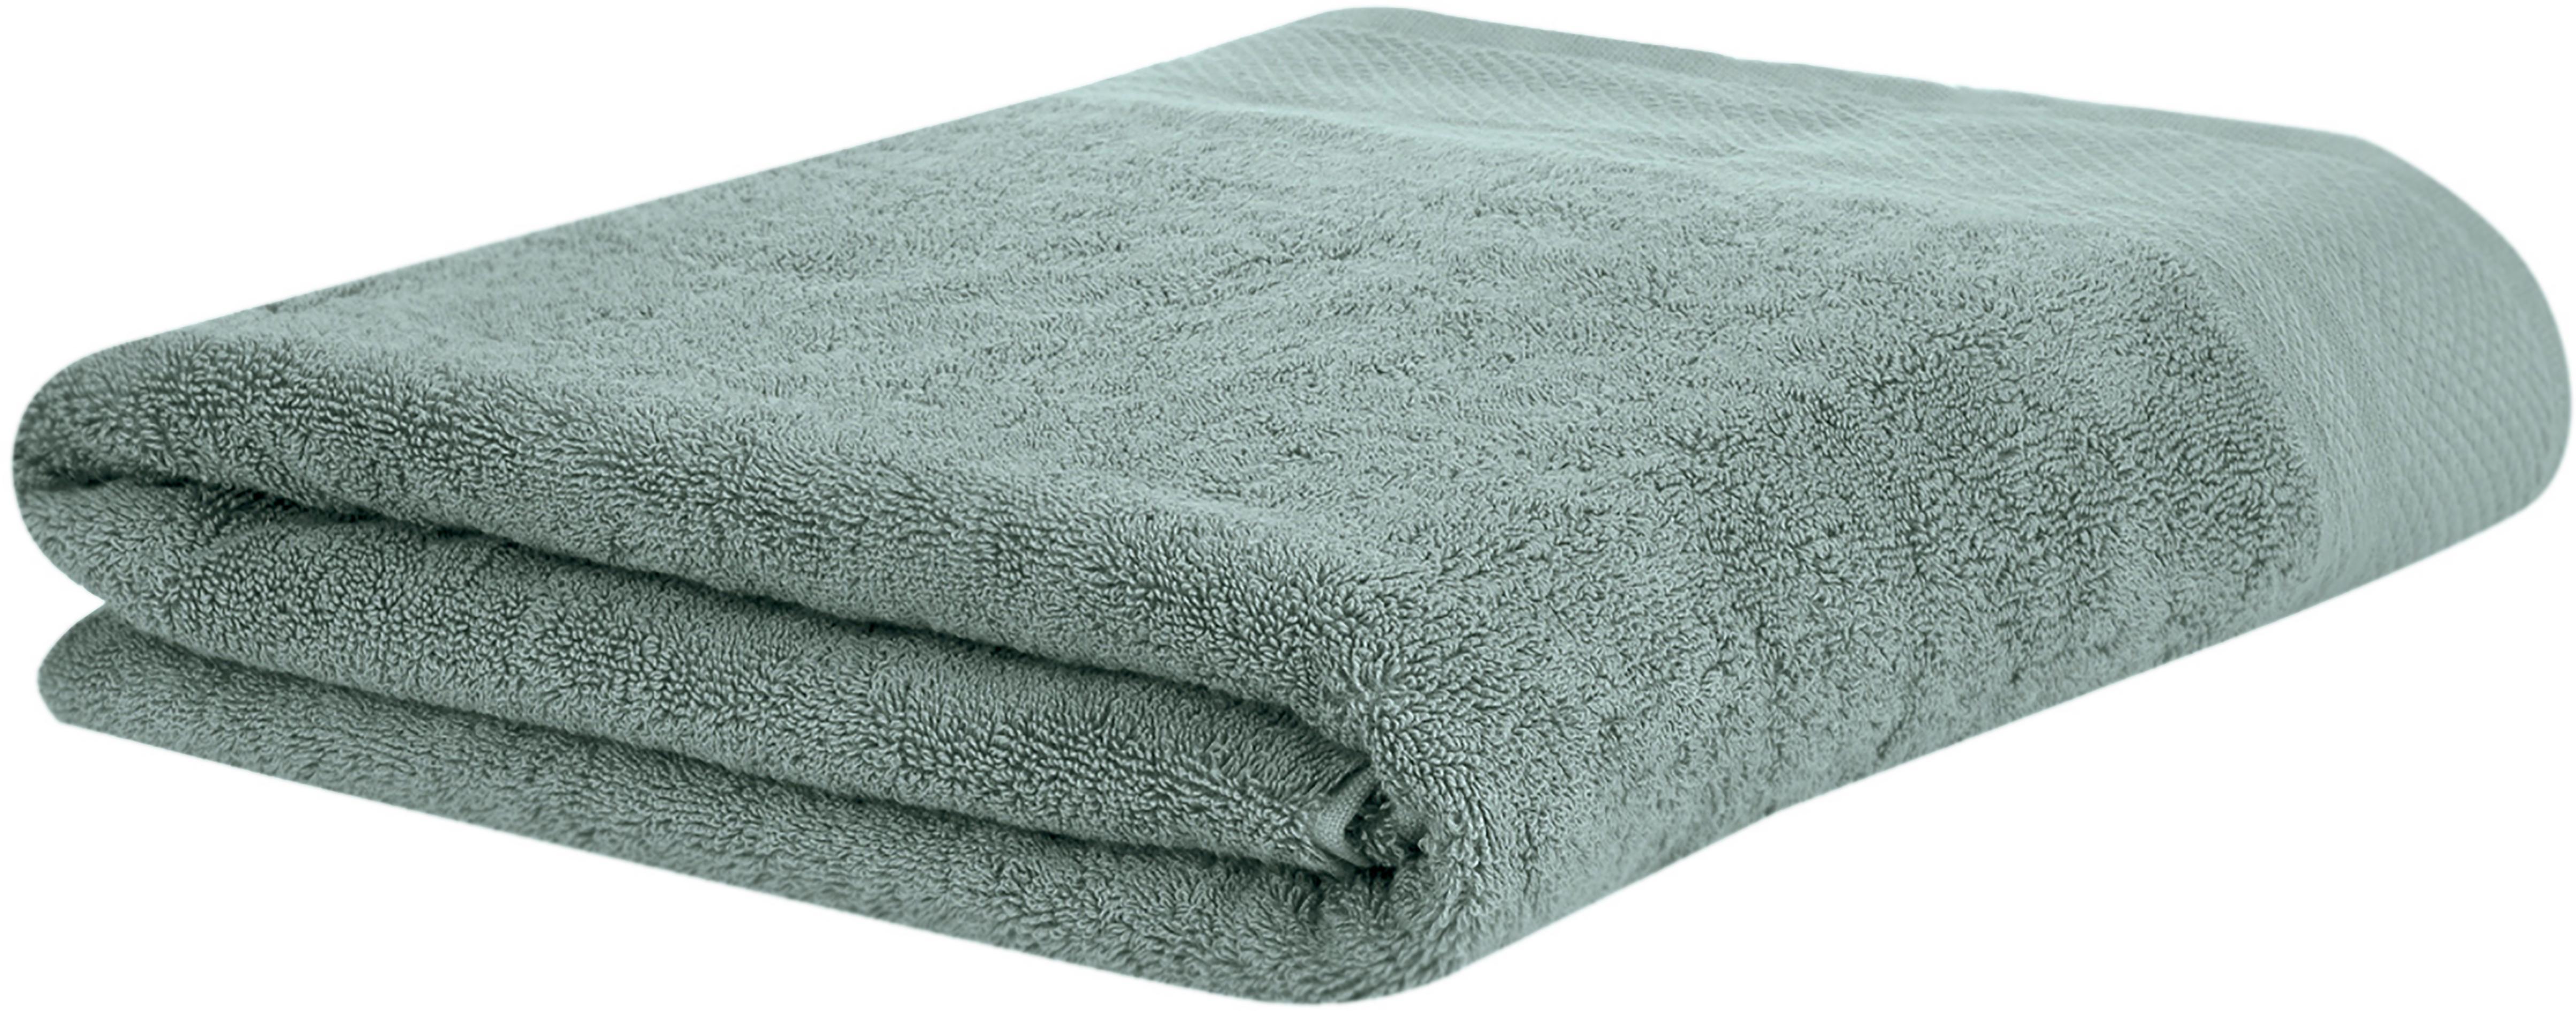 Handtuch Premium in verschiedenen Grössen, mit klassischer Zierbordüre, Salbeigrün, Badetuch